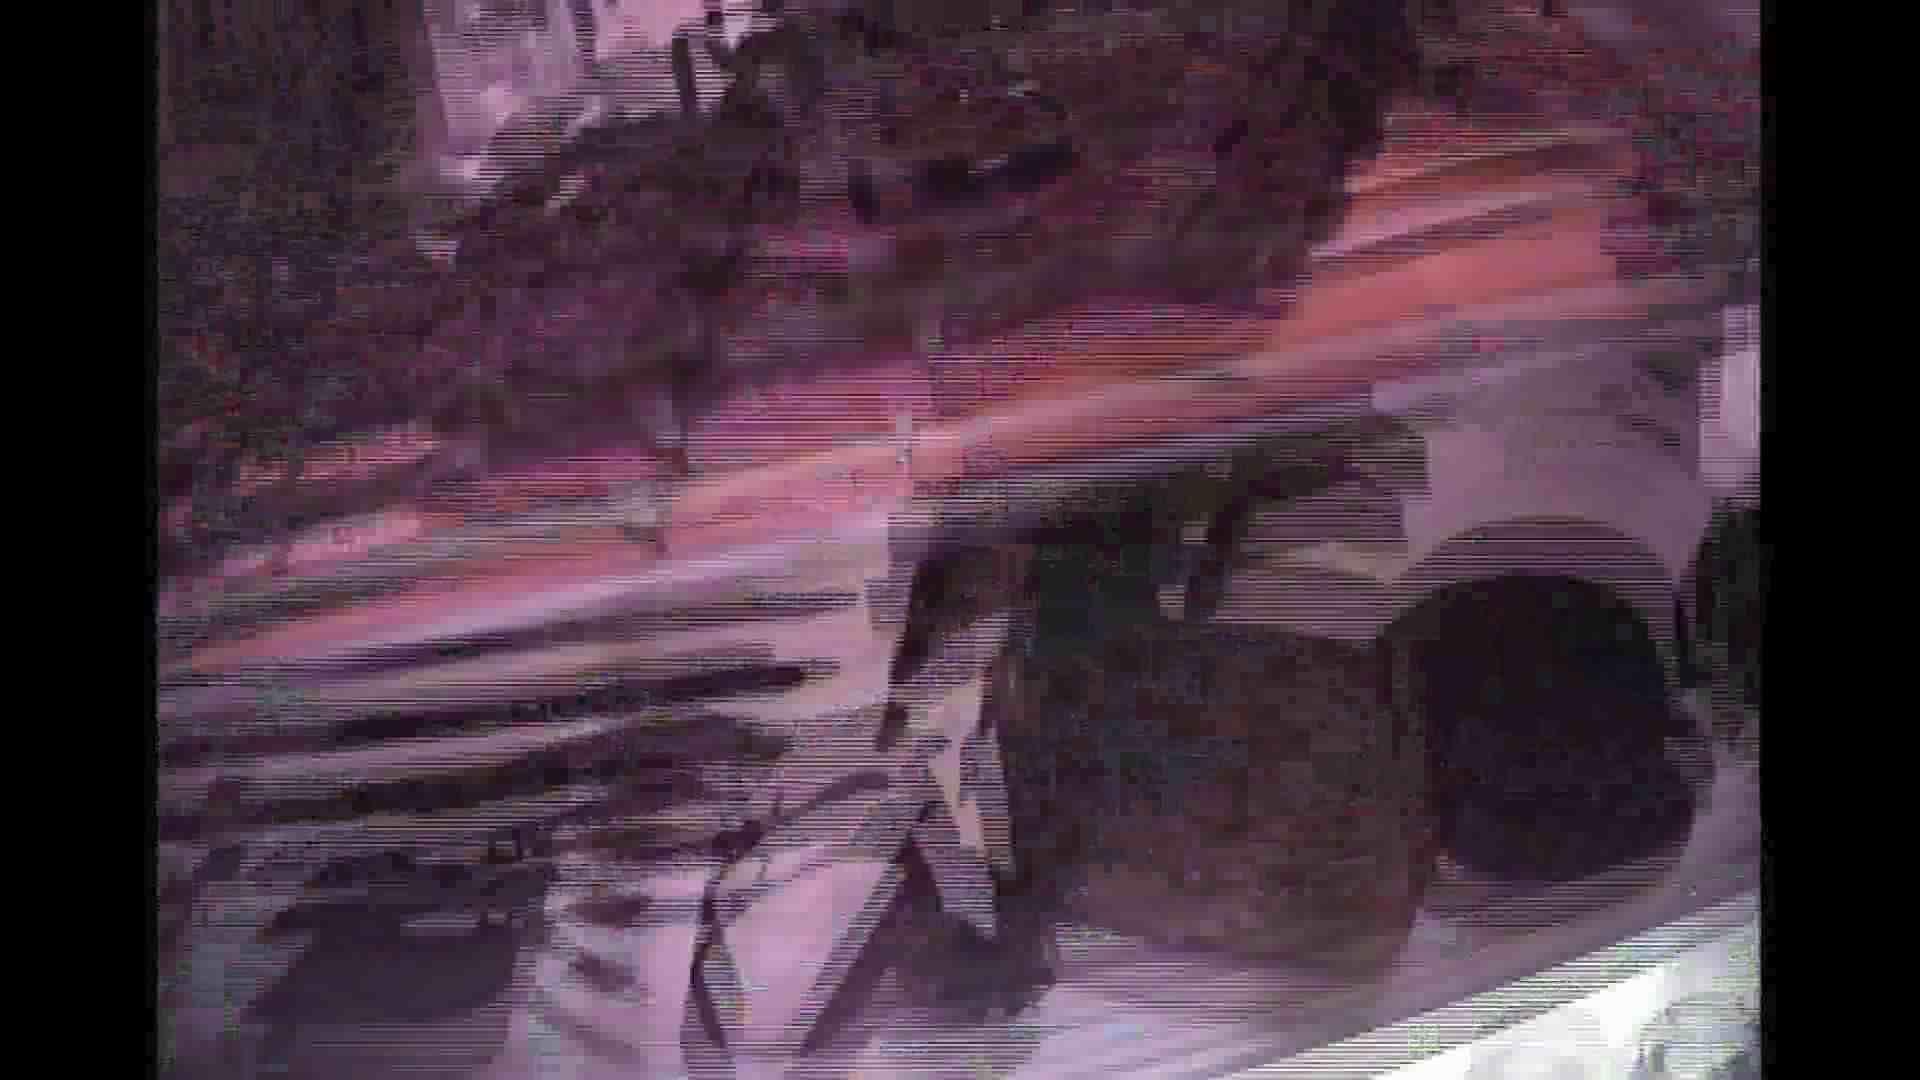 働く美女の谷間参拝 Vol.14 エロティックなOL AV無料 107画像 56